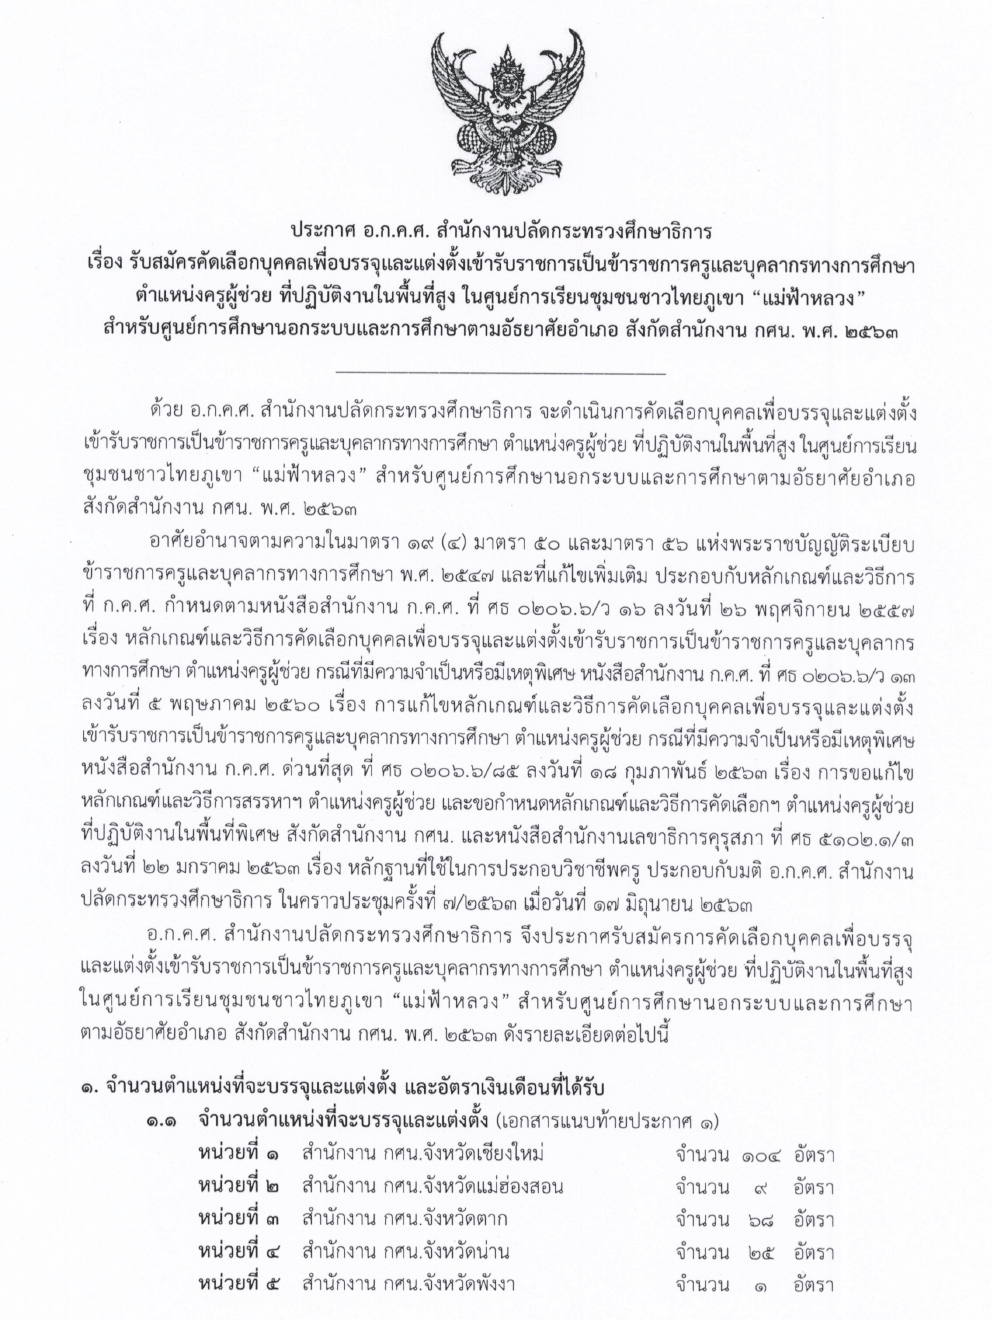 """กศน.เปิดสอบบรรจุครูผู้ช่วย ที่ปฏิบัติงานในพื้นที่สูง ในศูนย์การเรียนชุมชนชาวไทยภูเขา """"แม่ฟ้าหลวง"""" พ.ศ. 2563 สมัครออนไลน์ ๒๖ มิ.ย. - ๒ ก.ค. ๒๕๖๓"""